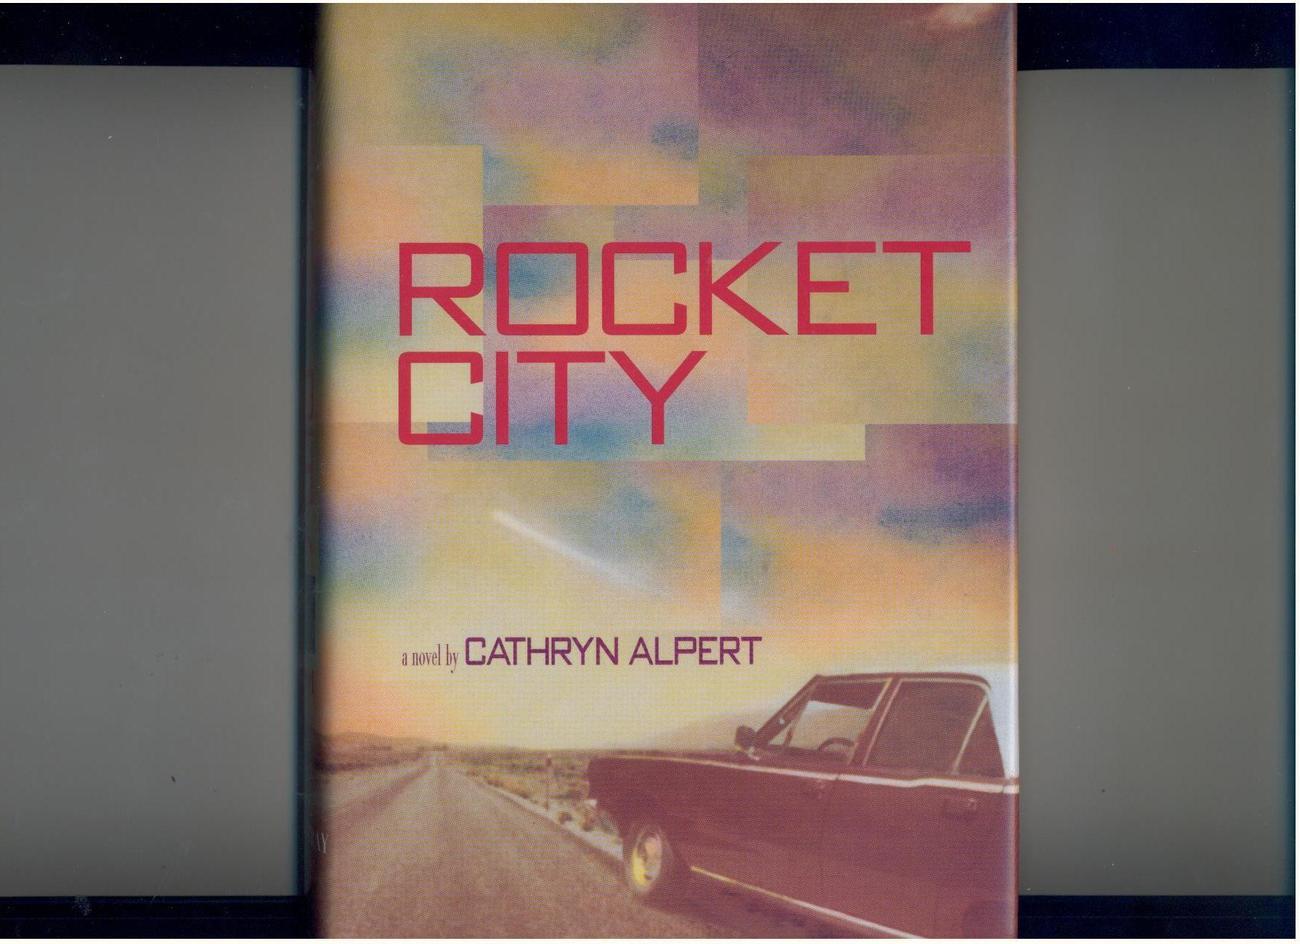 Alpert - ROCKET CITY - 1995 - hb/dj - first novel